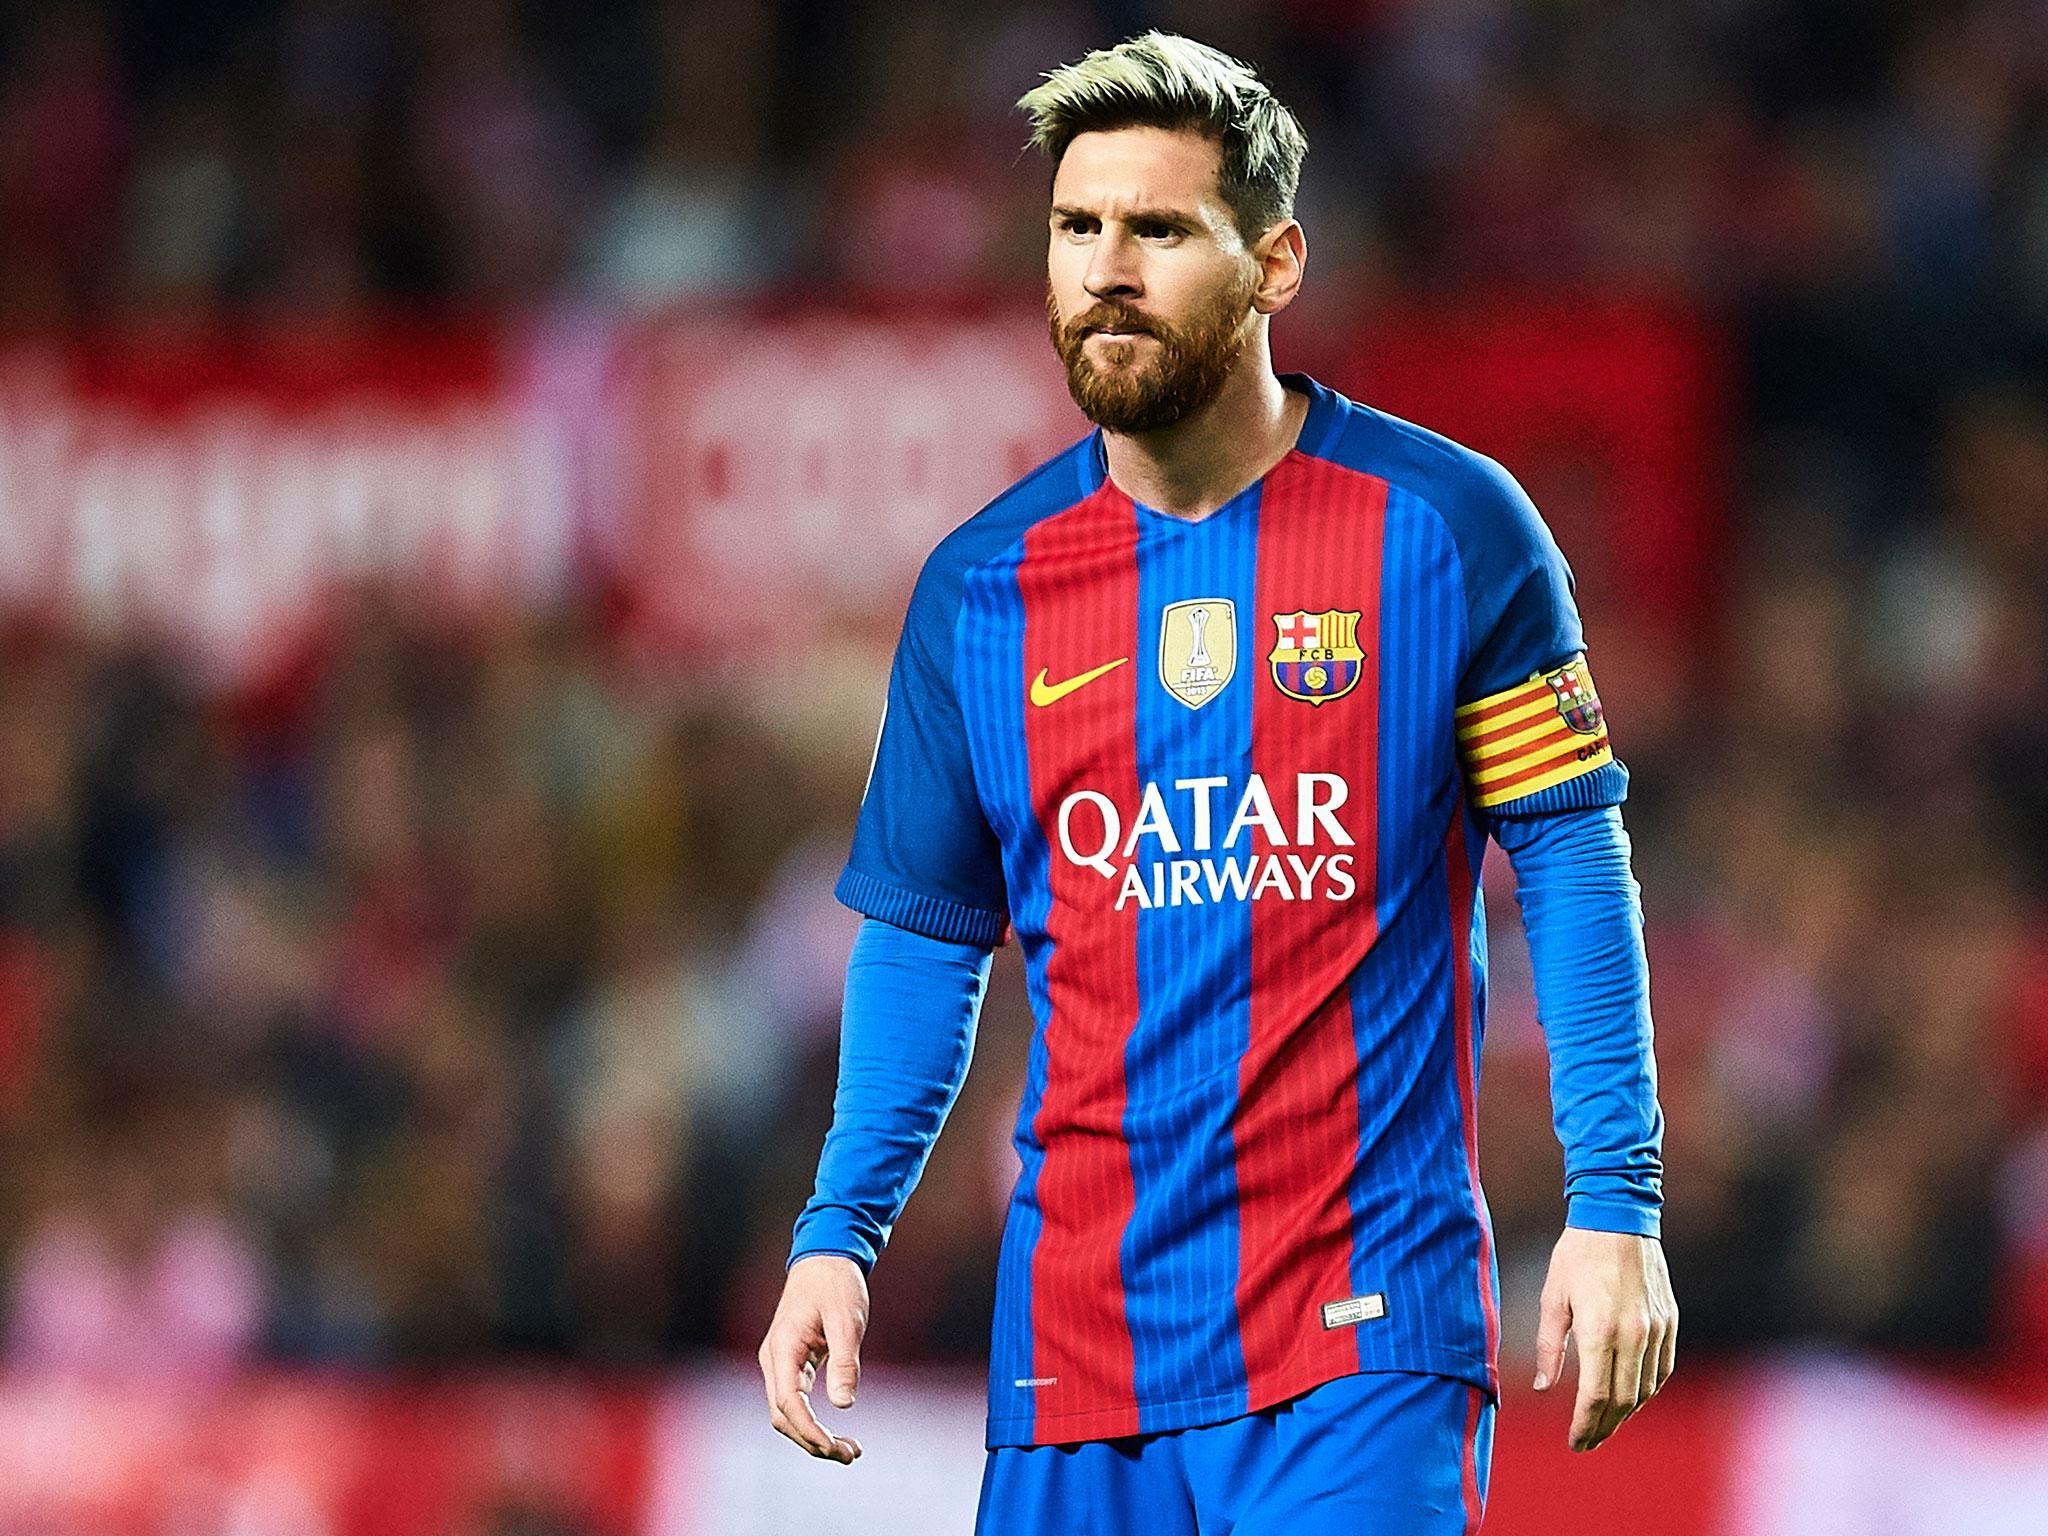 Để tải ảnh Messi về máy tính hoặc điện thoại, nhấp vào ảnh mà bạn thích sau đó chờ vài giây để website tự động tạo link tải nhé!!!